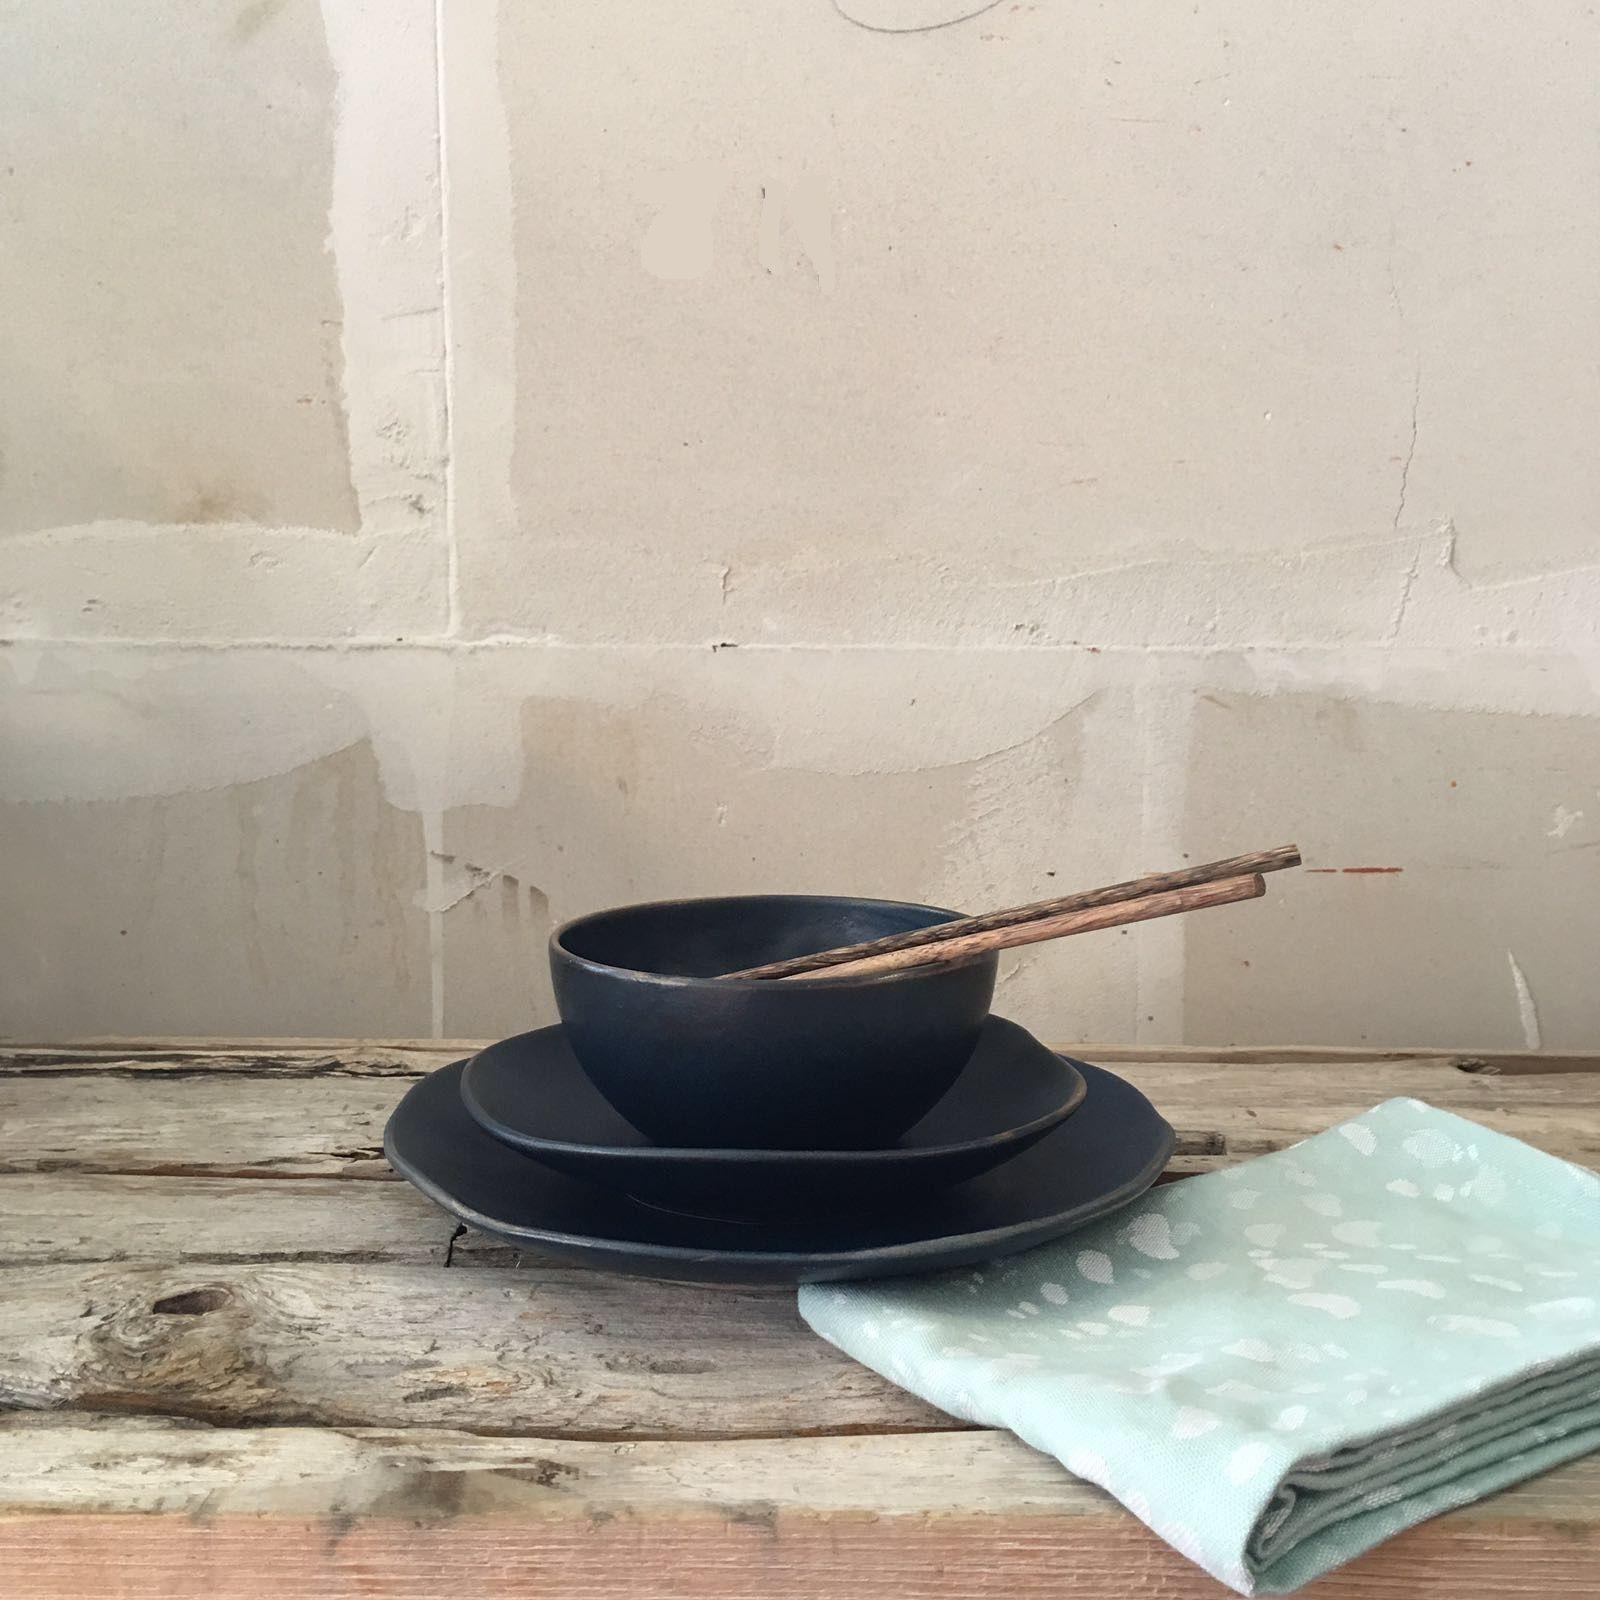 Dassie Artisan Fair Trade tableware. & Dassie Artisan Fair Trade tableware. | TABLETOP | Pinterest | Artisan